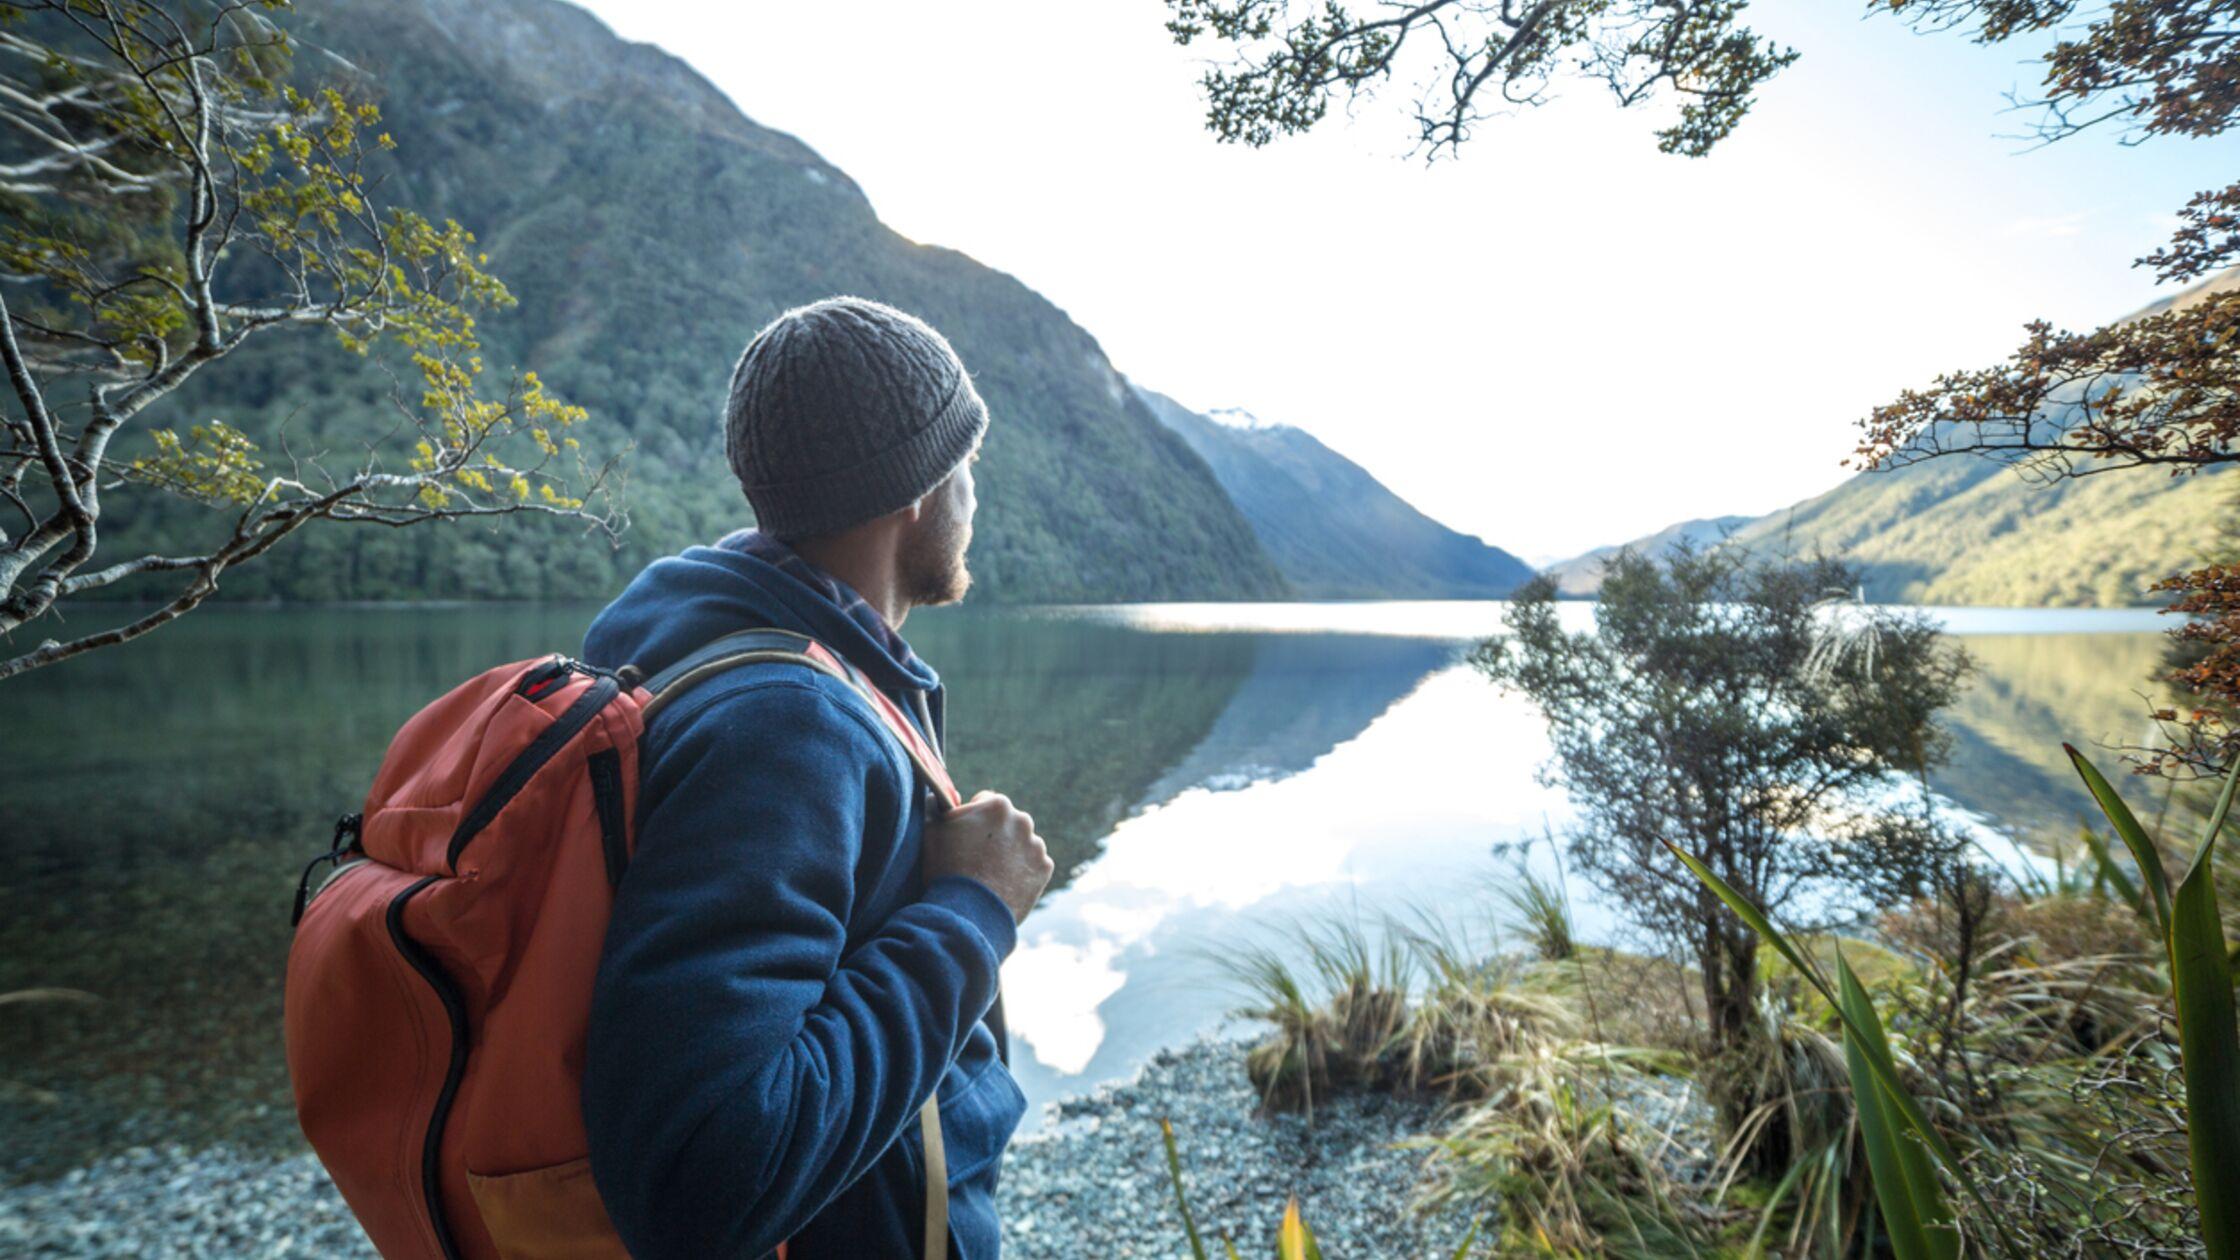 Auswandern nach Neuseeland: Umziehen ans schönste Ende der Welt